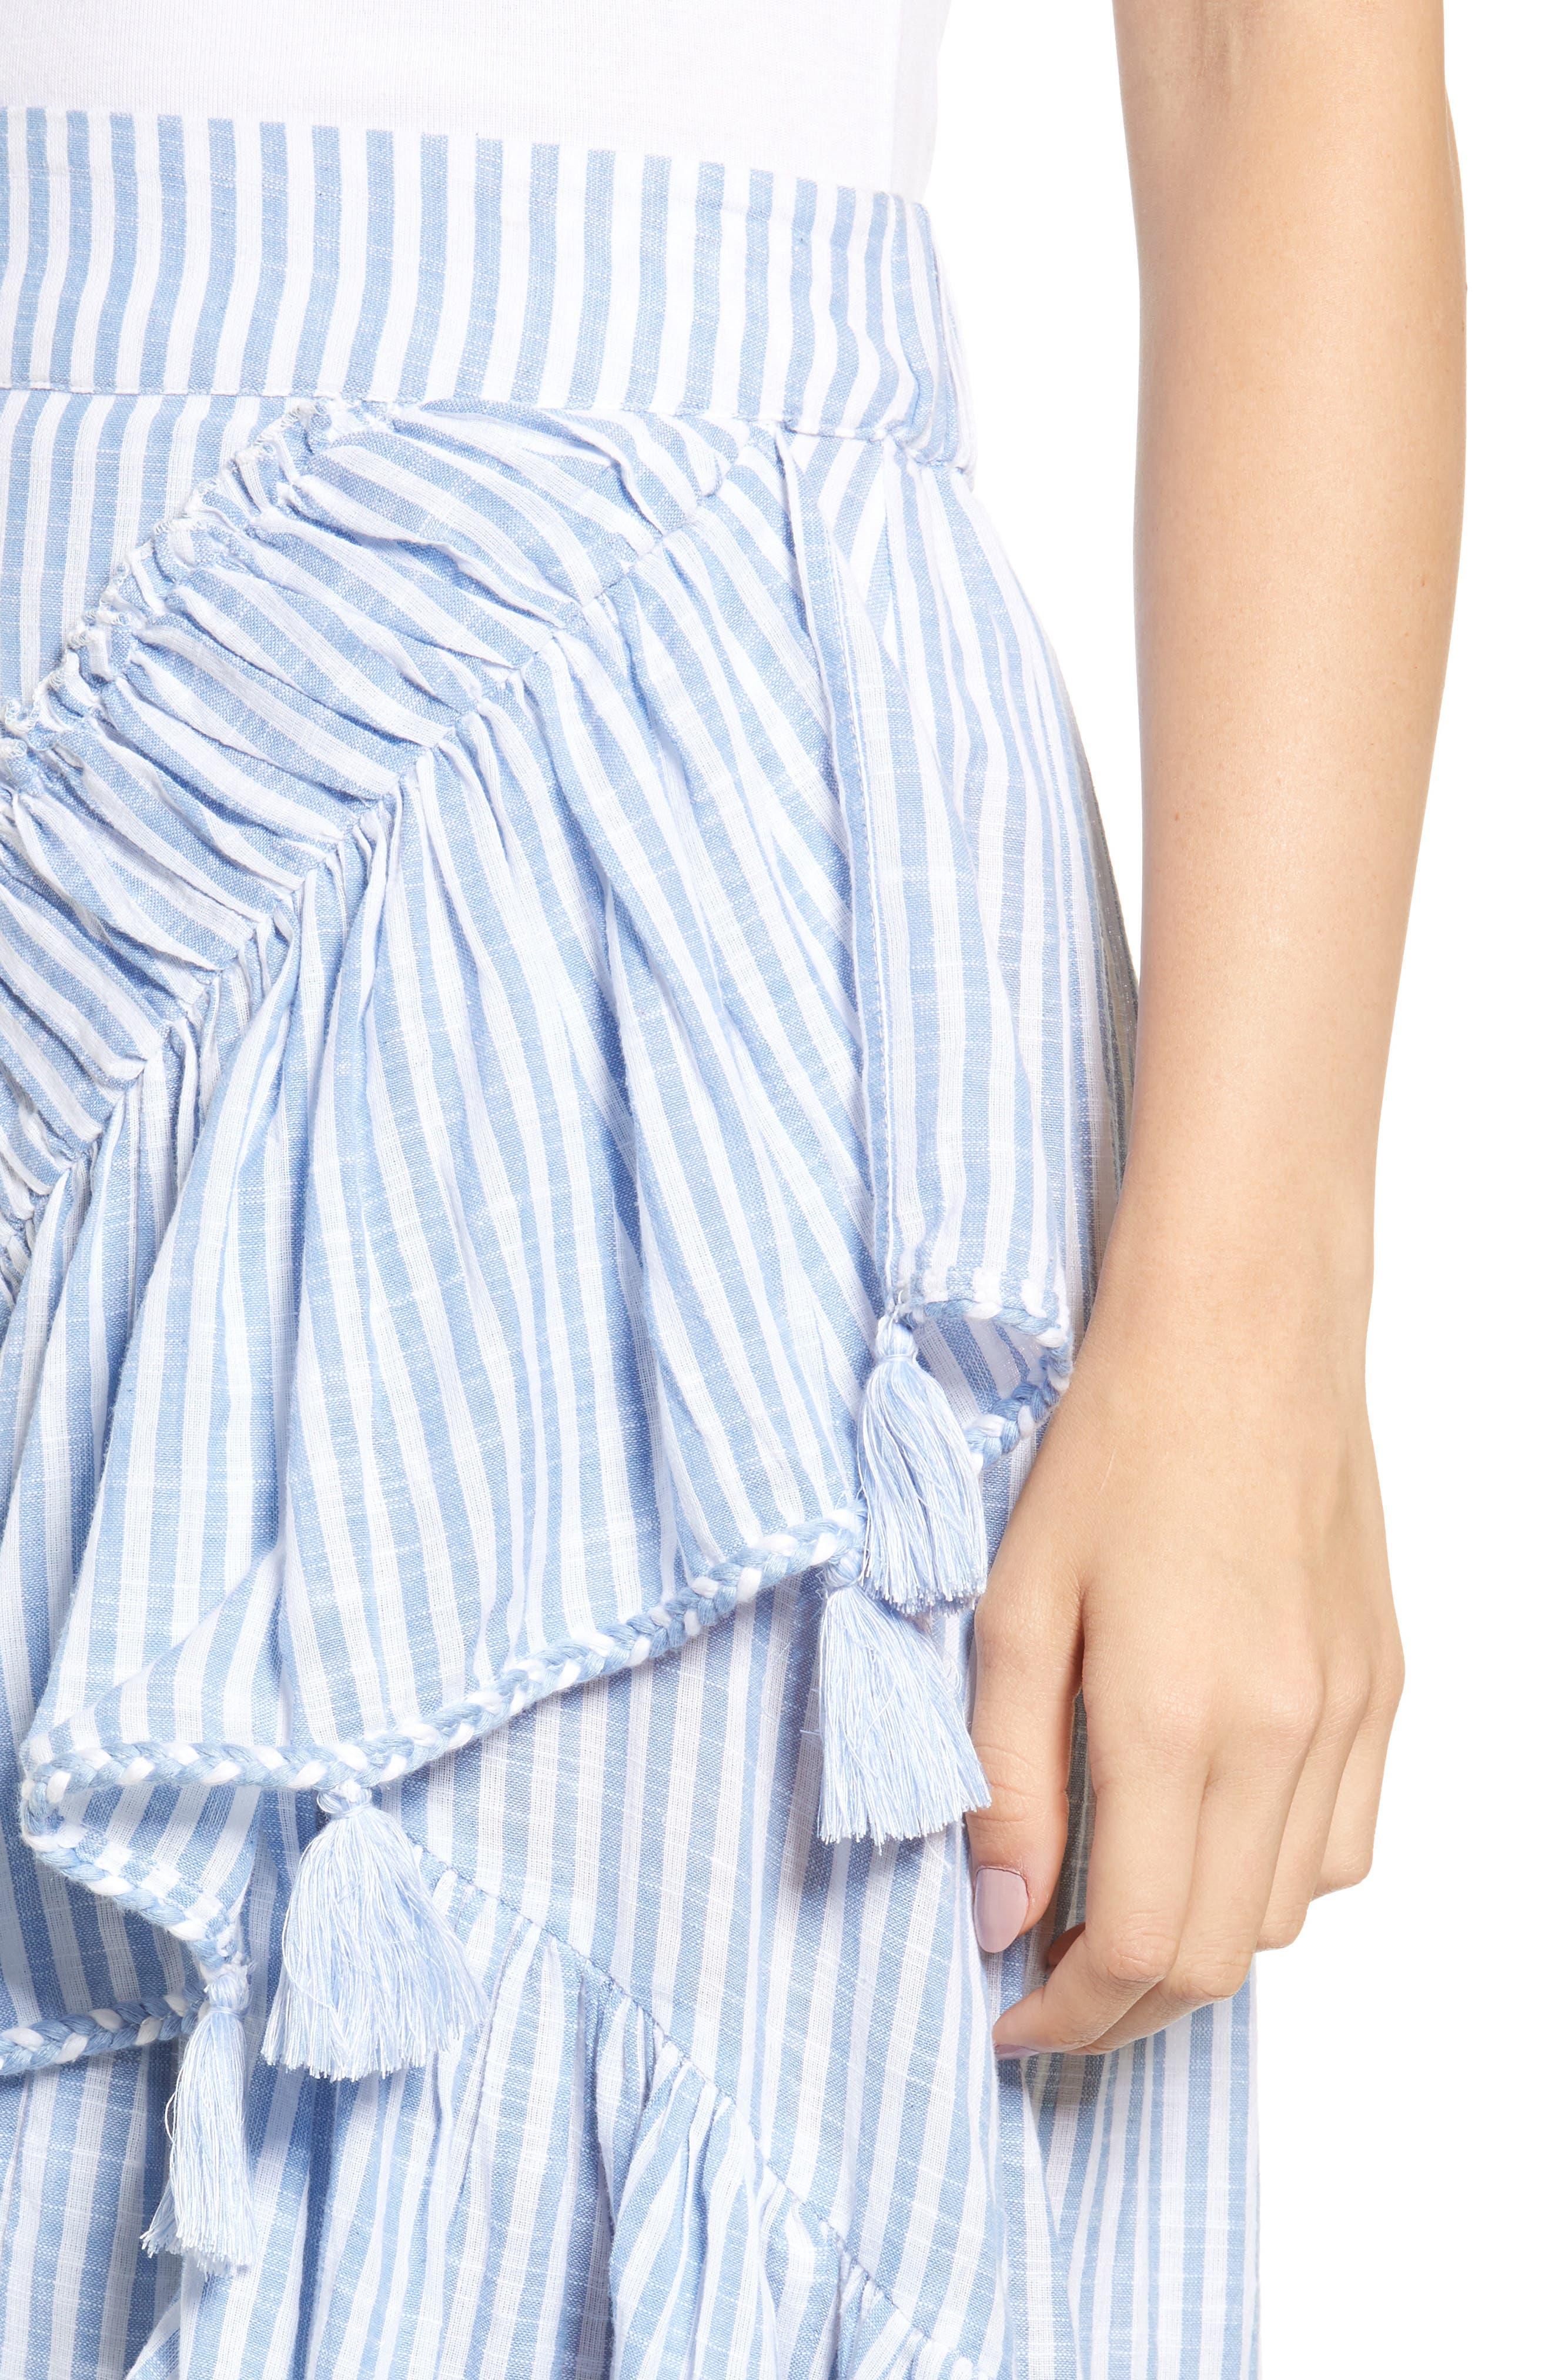 Rosero Ruffle High/Low Skirt,                             Alternate thumbnail 4, color,                             BLUE STRIPE